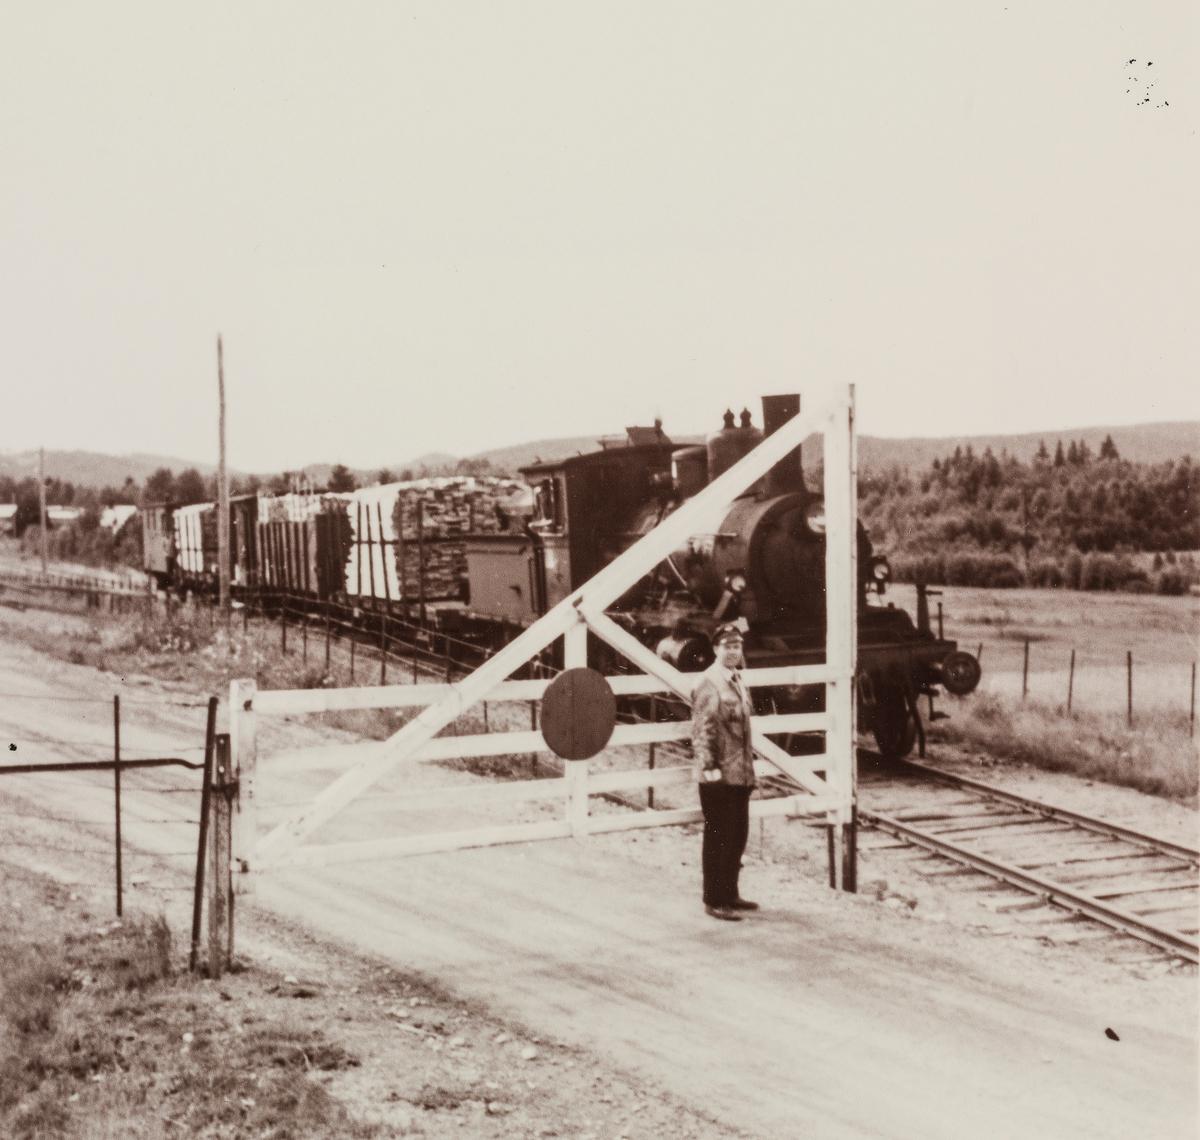 På Vestmarkalinjen måtte togpersonalet selv betjene planovergangene og åpne og lukke grindene. I bakgrunnen tog med fullastede plankevogner underveis til Skotterud. Toget trekkes av damplokomotiv type 21.